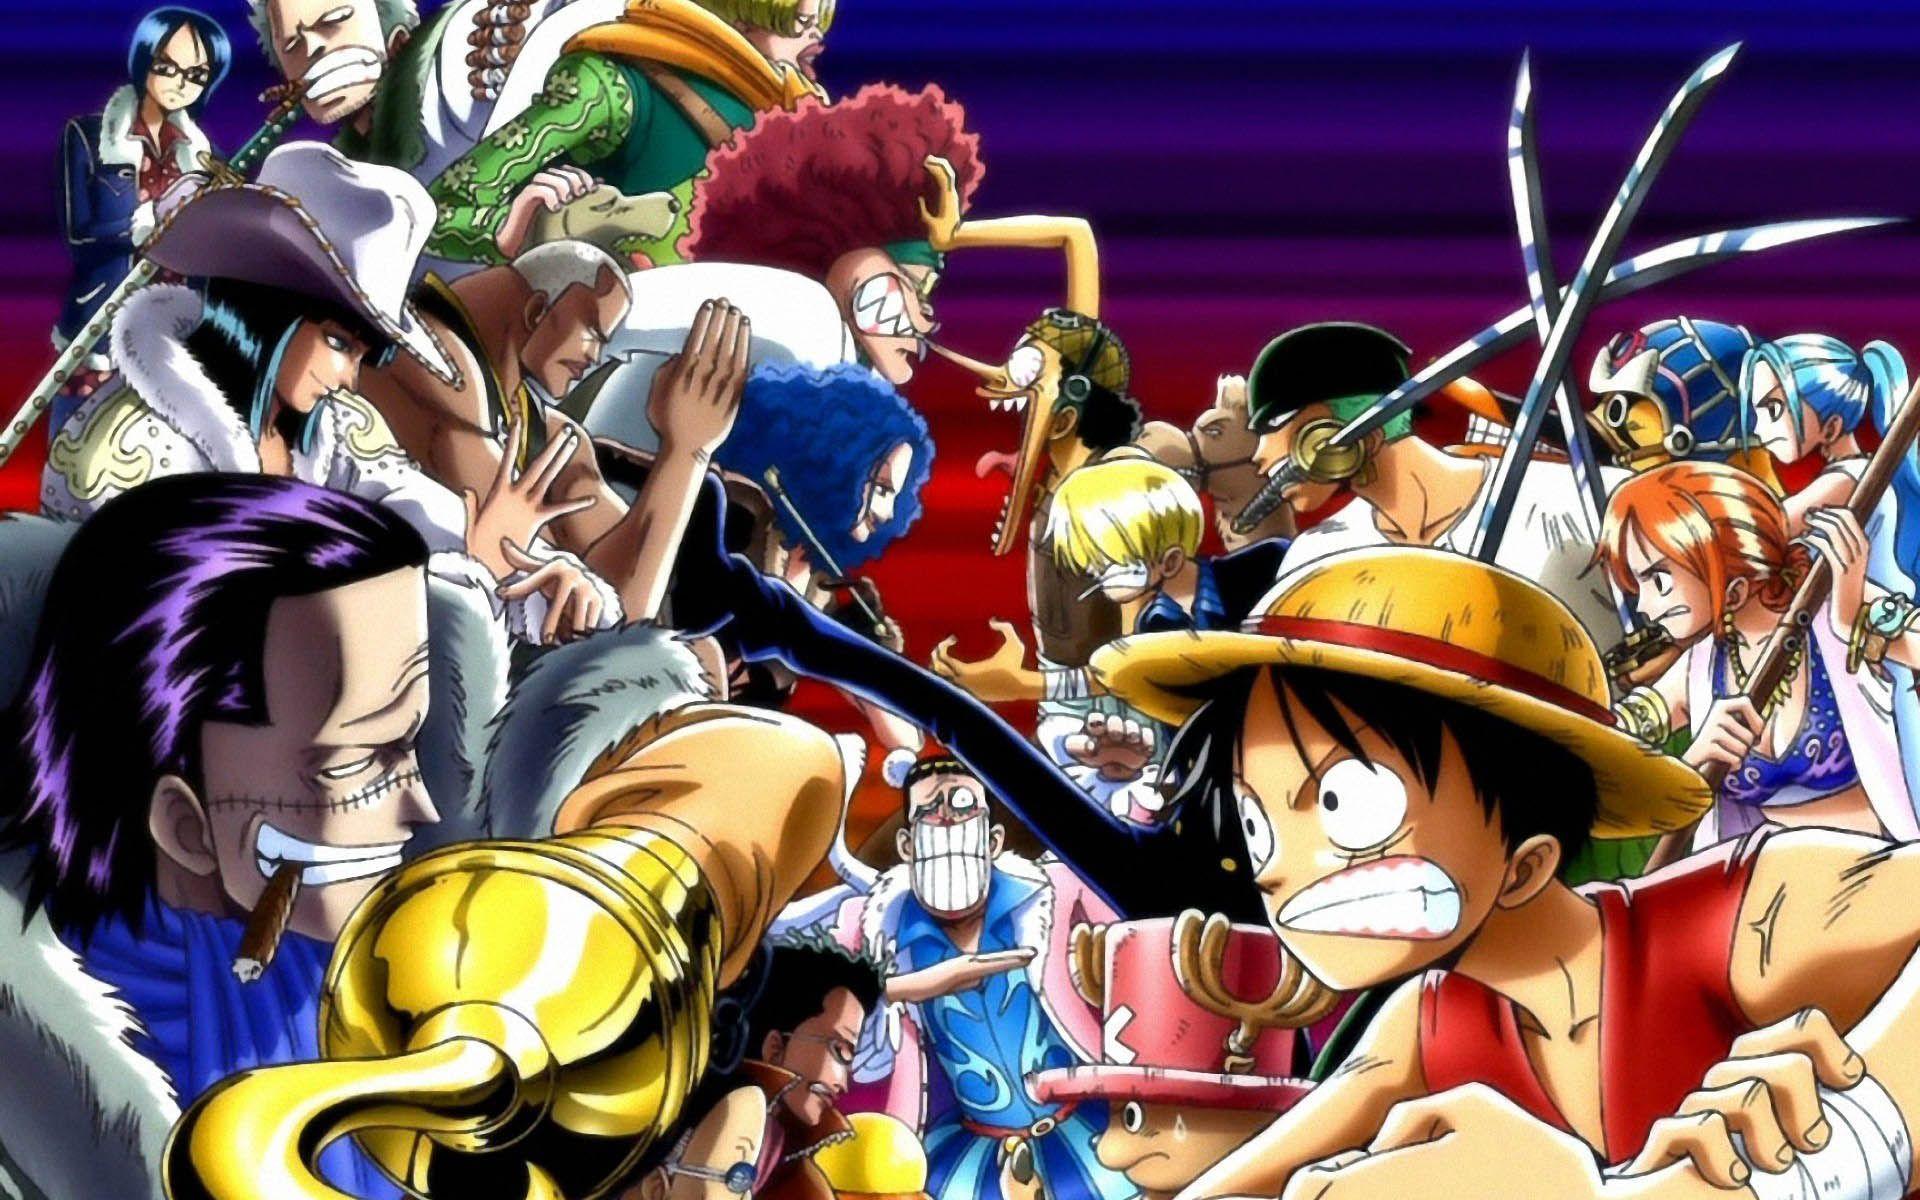 海賊王 線上 One Piece All Characters One Piece Manga One Piece